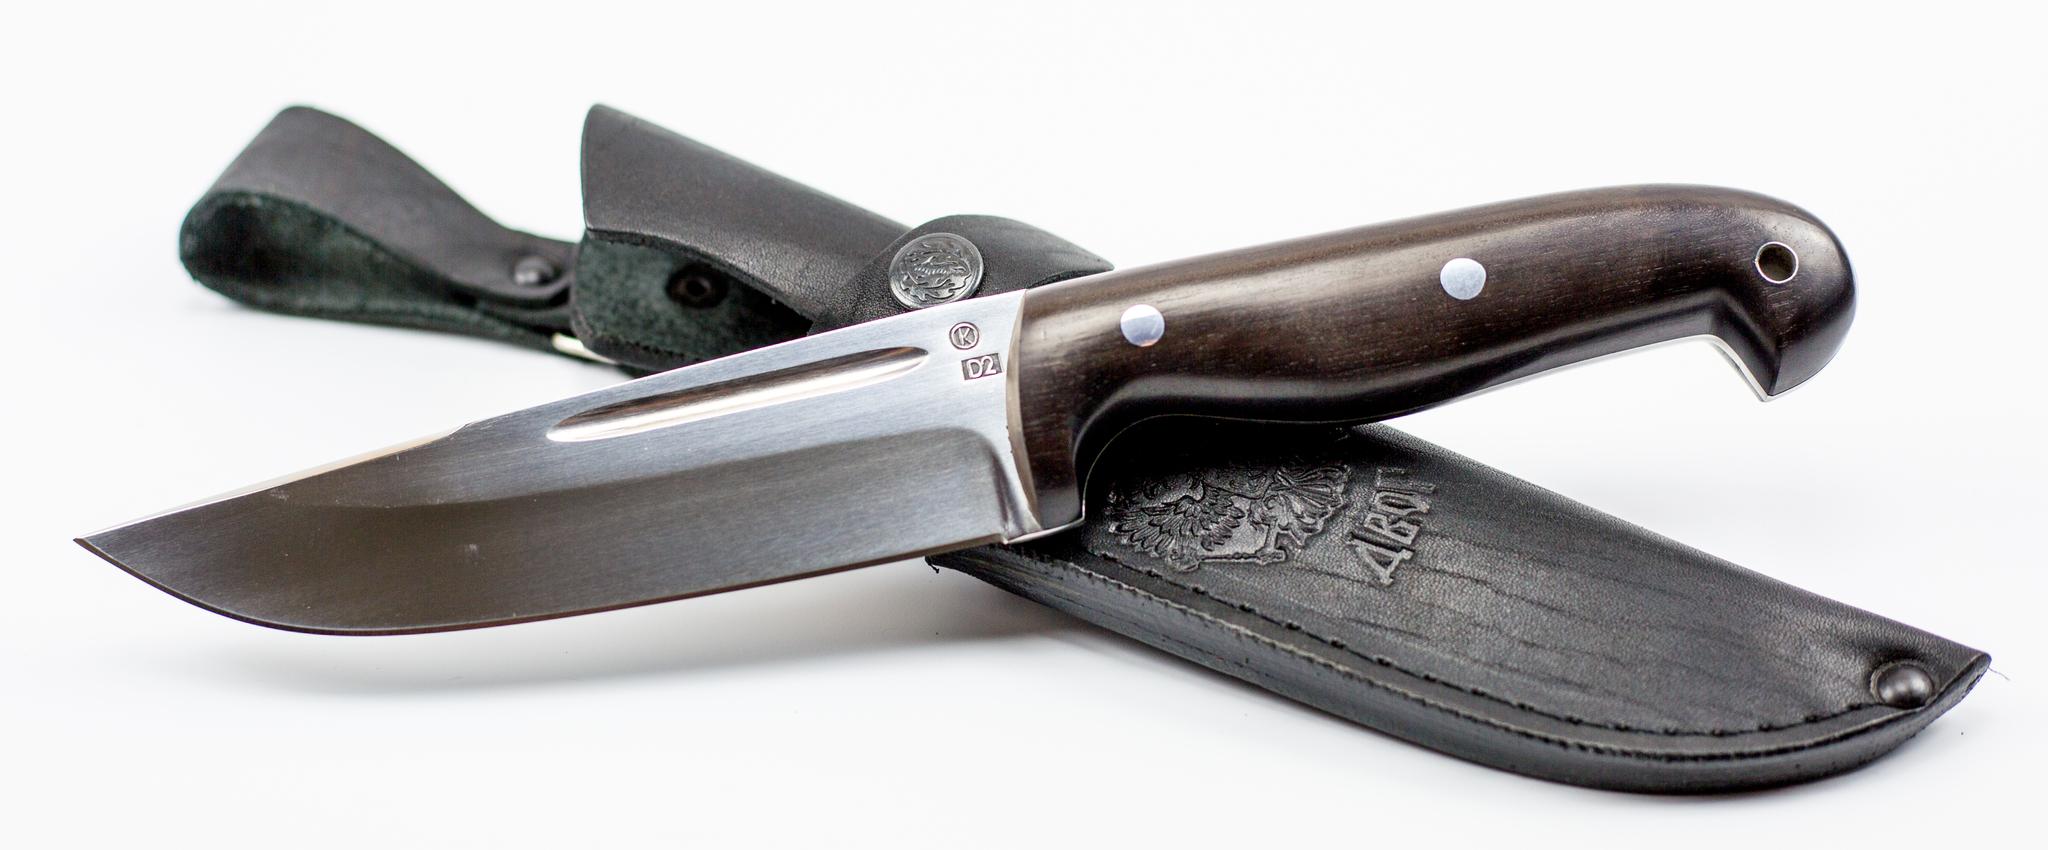 Фото 11 - Нож цельнометаллический Сайга, сталь D2, рукоять граб от Ножи Крутова